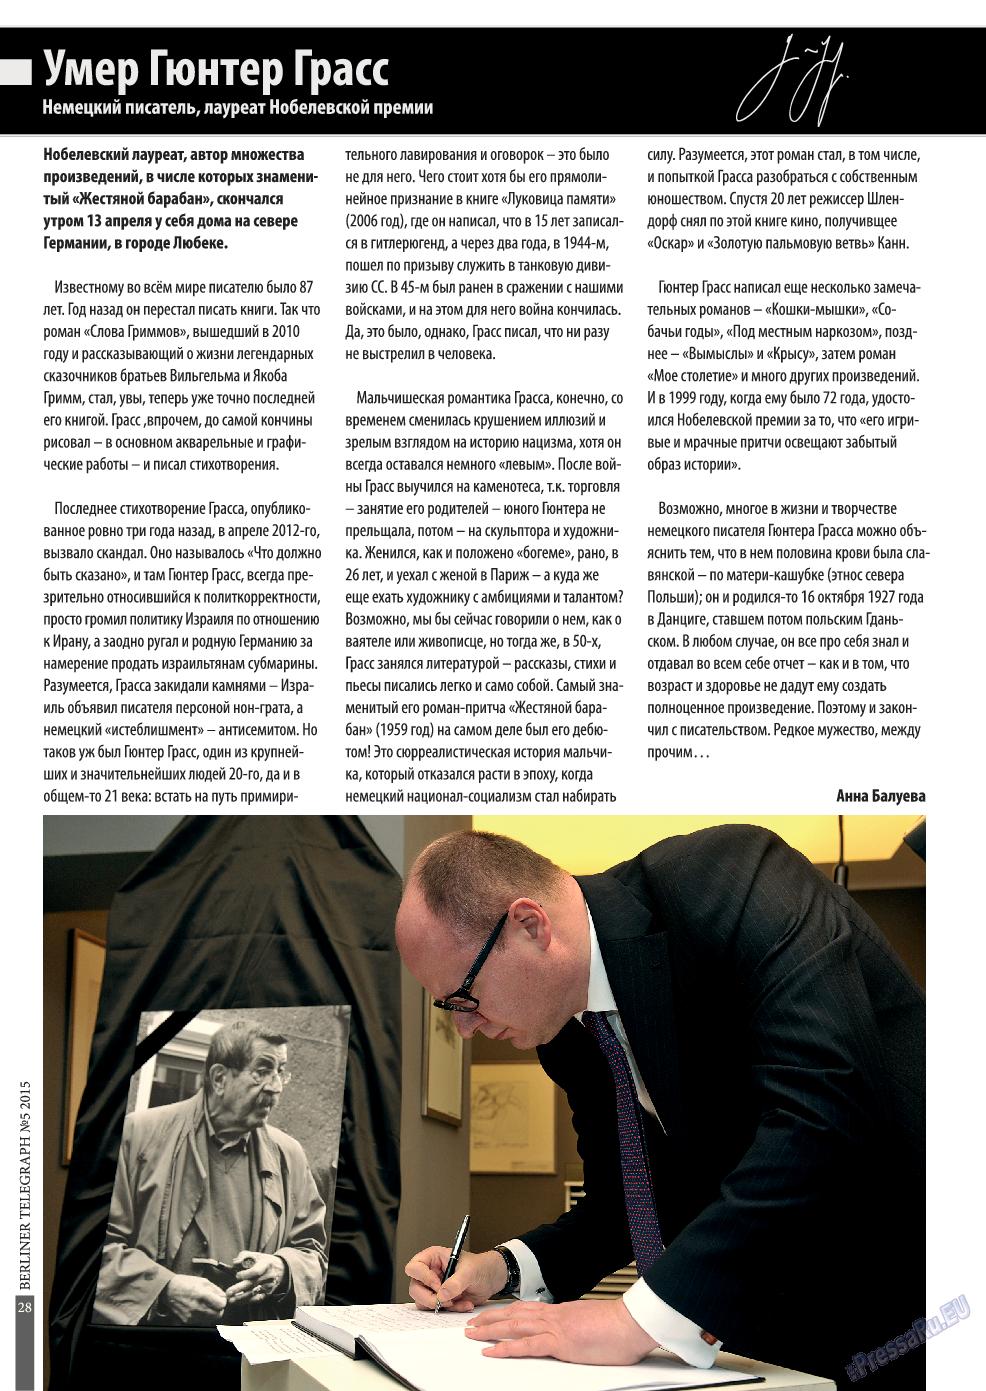 Берлинский телеграф (журнал). 2015 год, номер 5, стр. 28